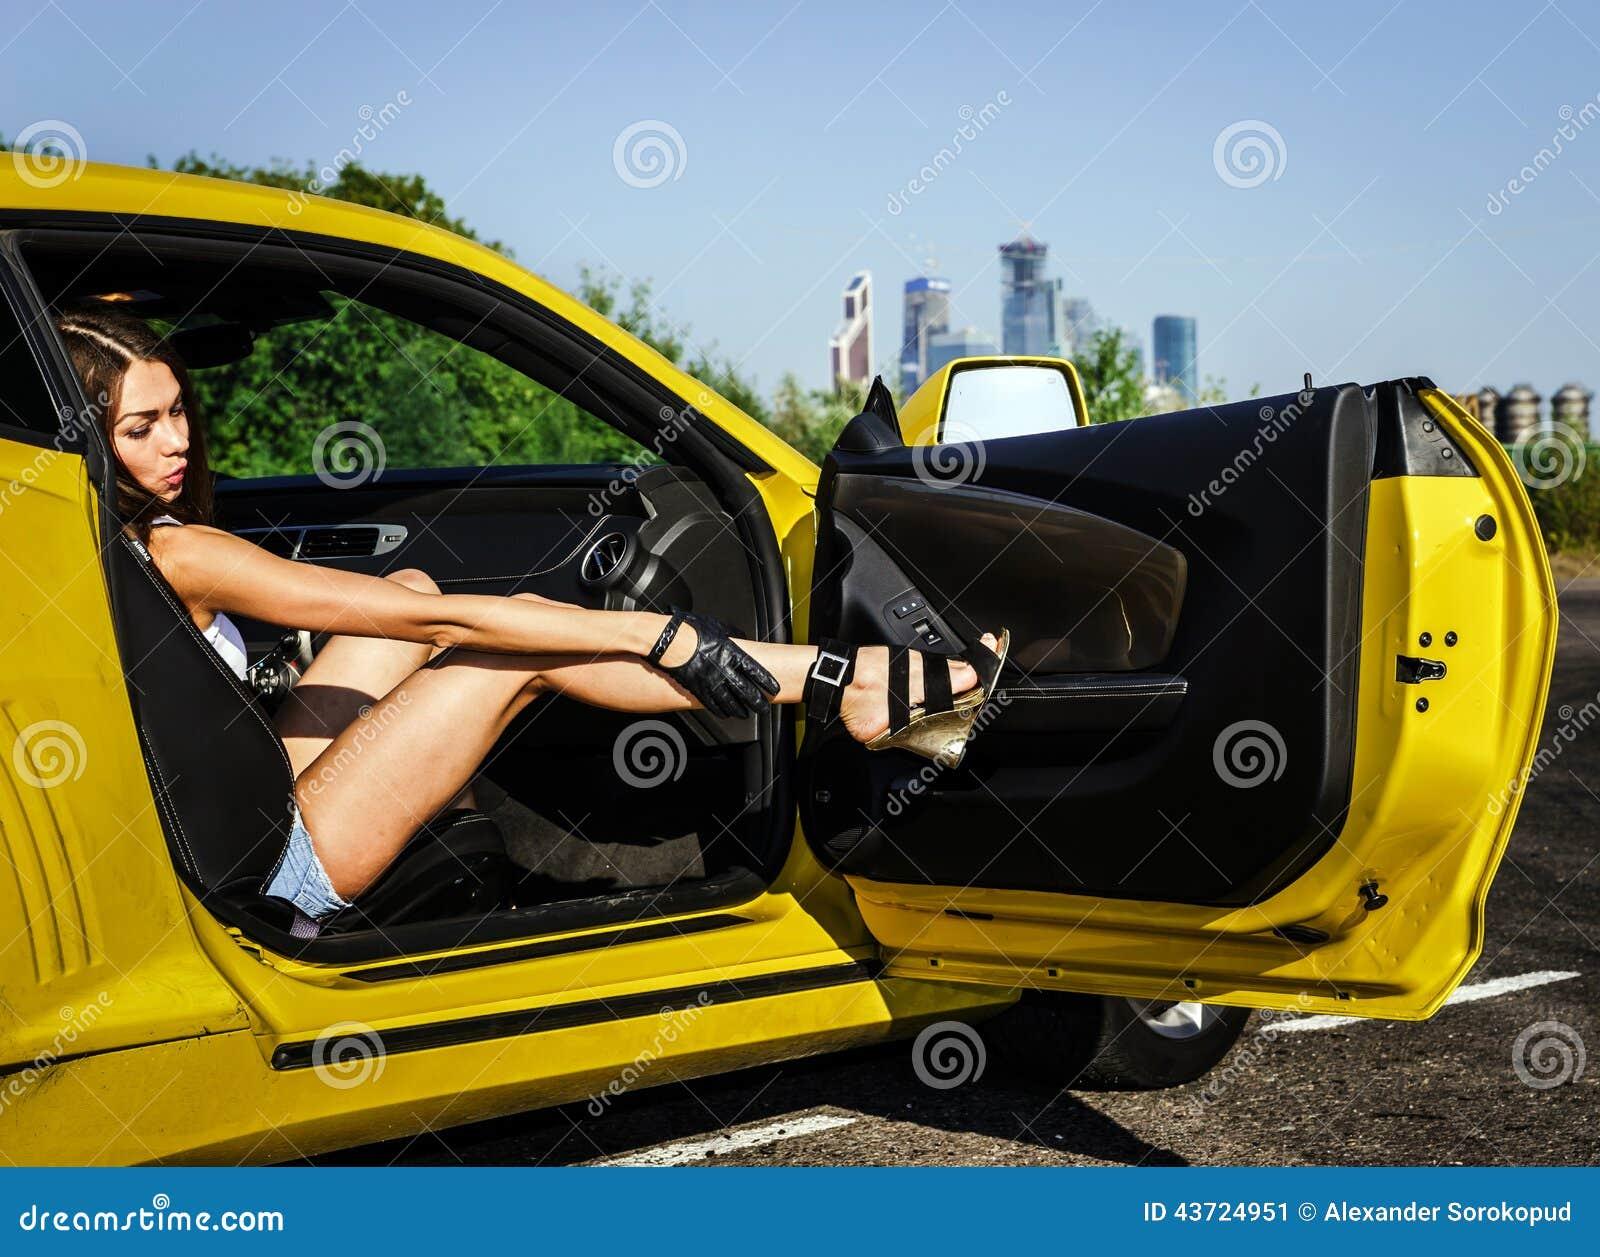 можете скролить, три девушки возле желтой машины картинки говорить